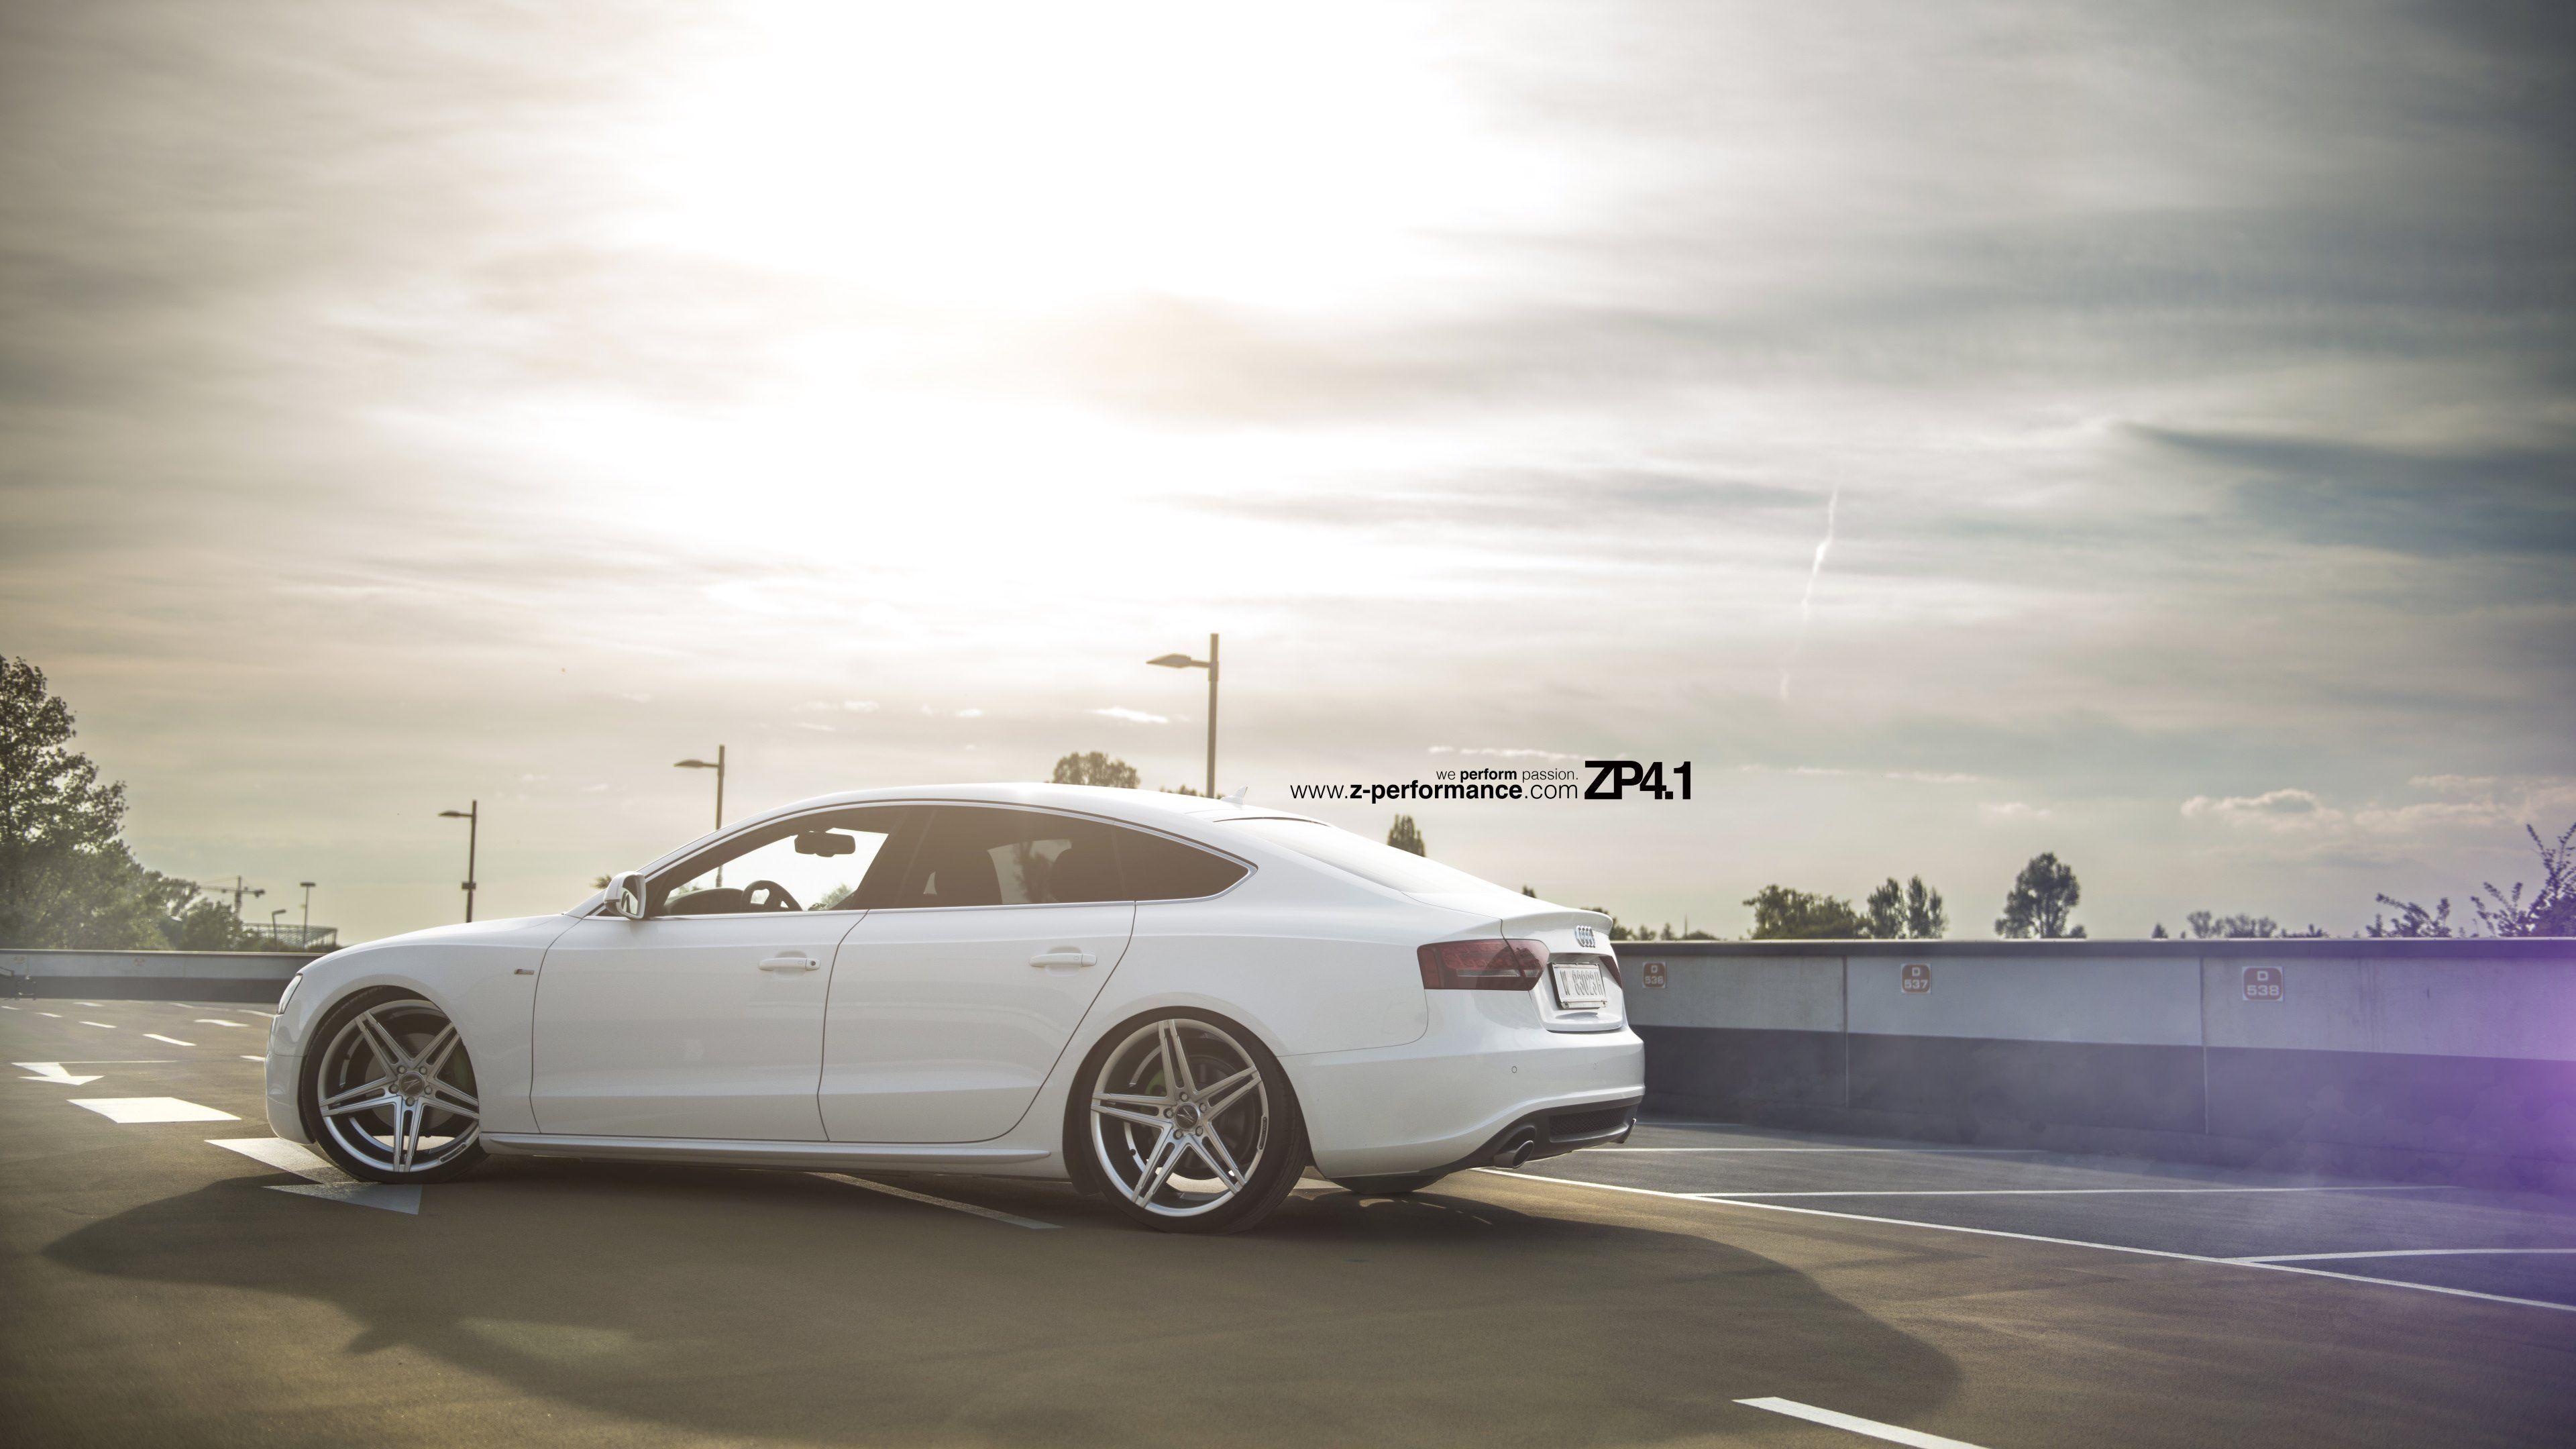 Audi q7 suv vossen wheels tuning cars wallpaper - Audi Wallpaper X